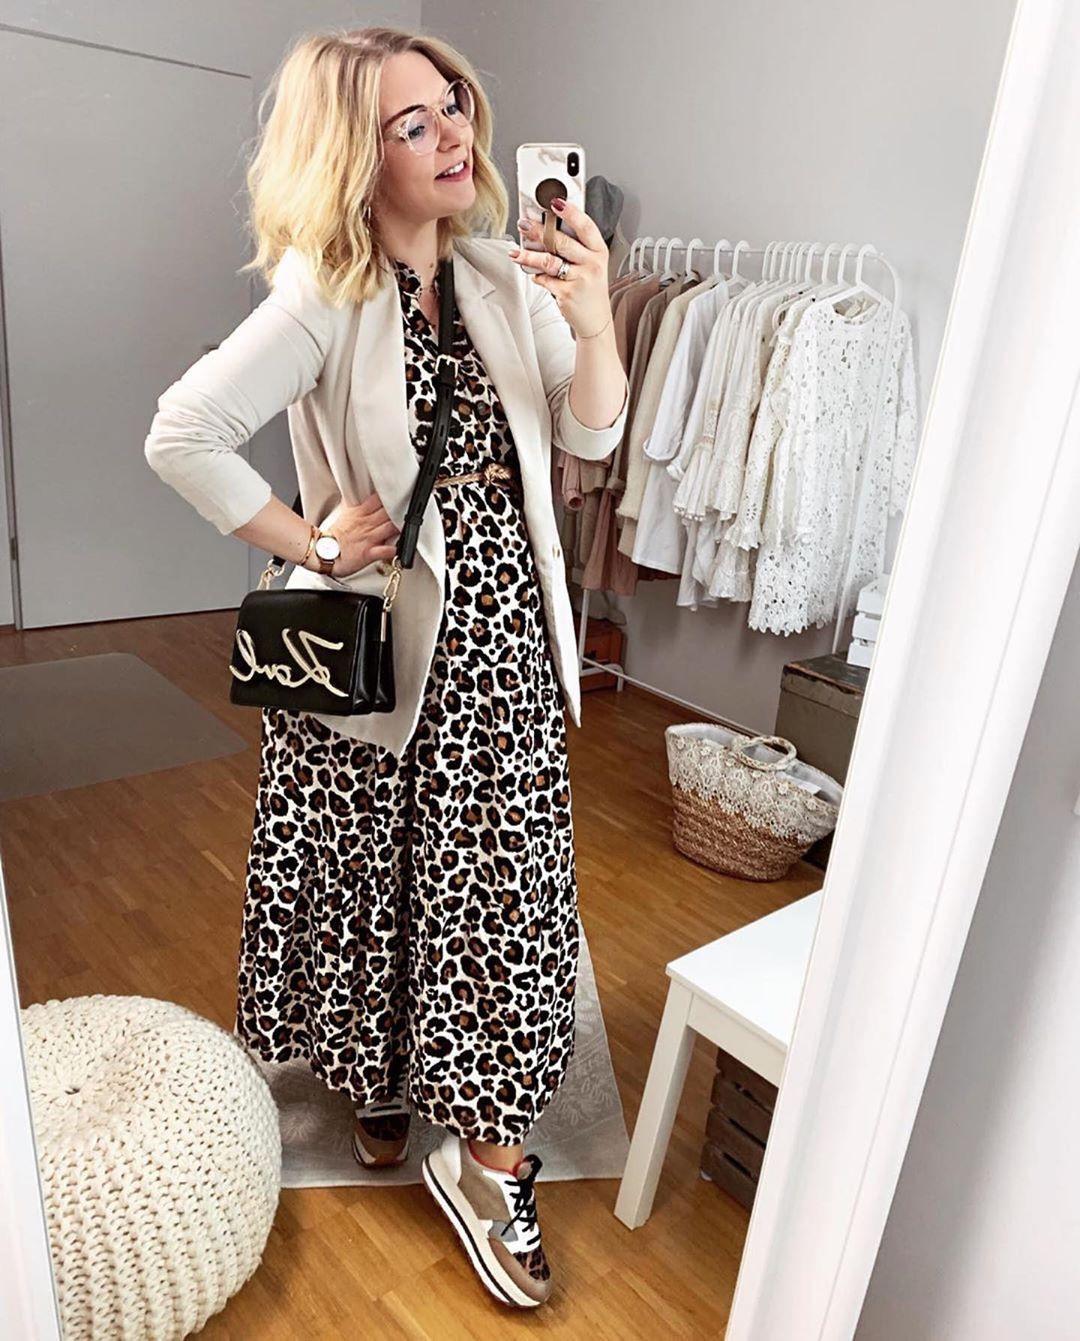 15 Erstaunlich Schöne Kleider Für Den Herbst Design Ausgezeichnet Schöne Kleider Für Den Herbst Design